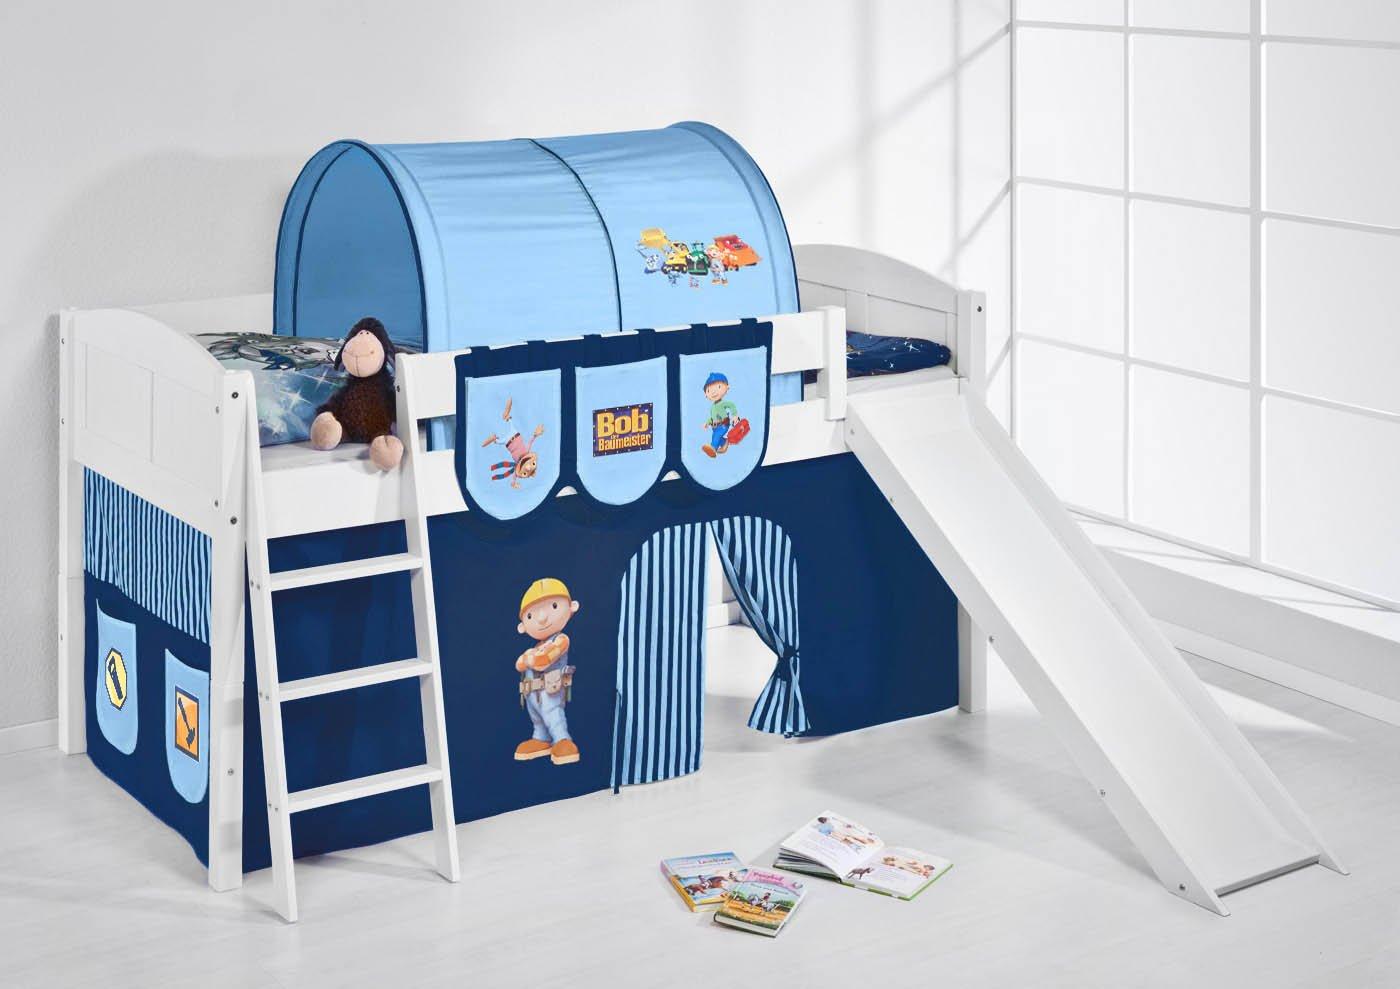 Spielbett IDA 4106 Bob der Baumeister Lilokids Teilbares Systemhochbett LILOKIDS Weiß mit Rutsche und Vorhang Blau kiefer günstig kaufen